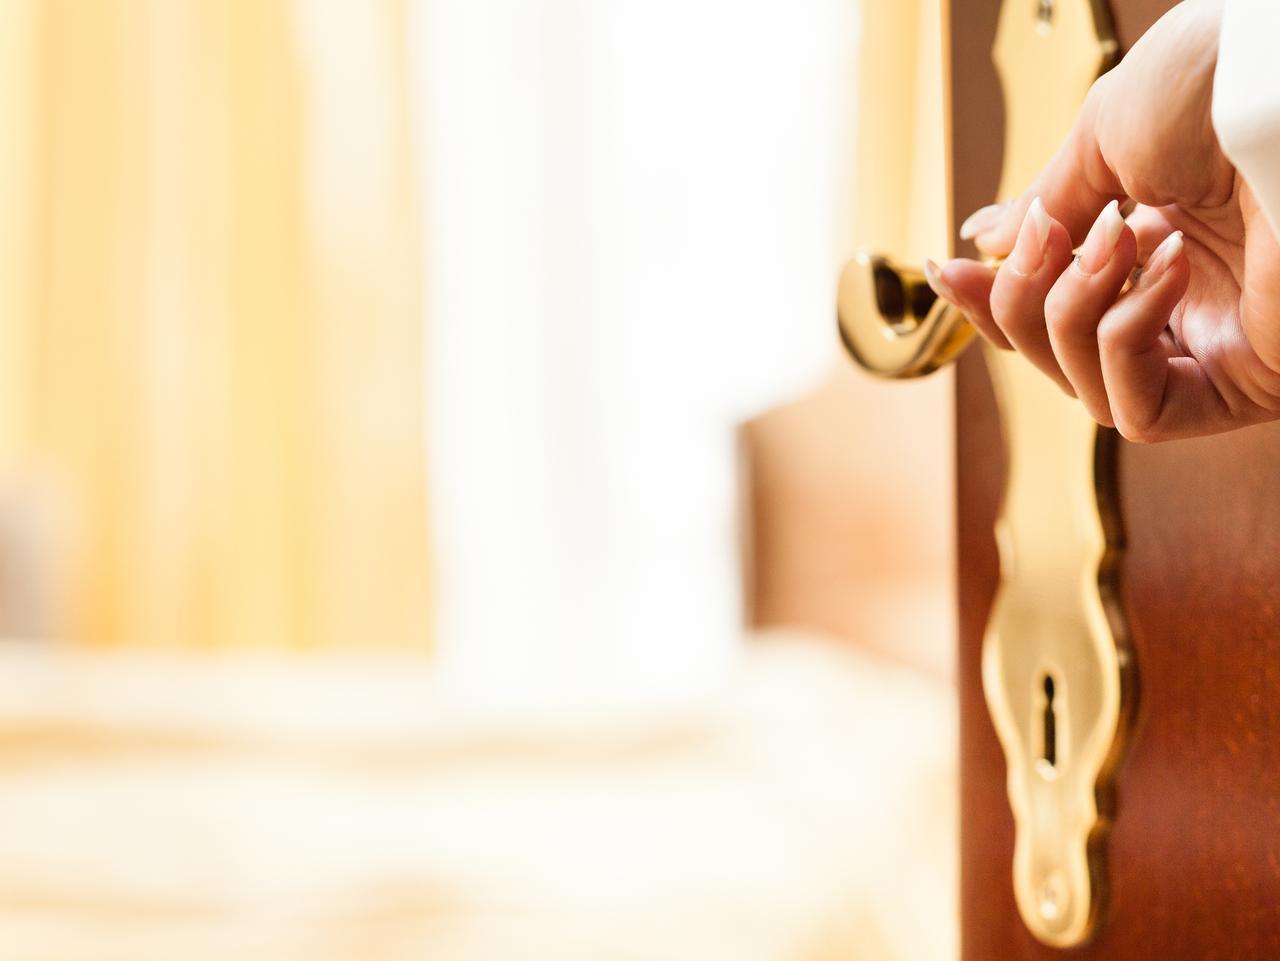 Close-up shot of woman's hand holding door handle, opening door of a hotel room.